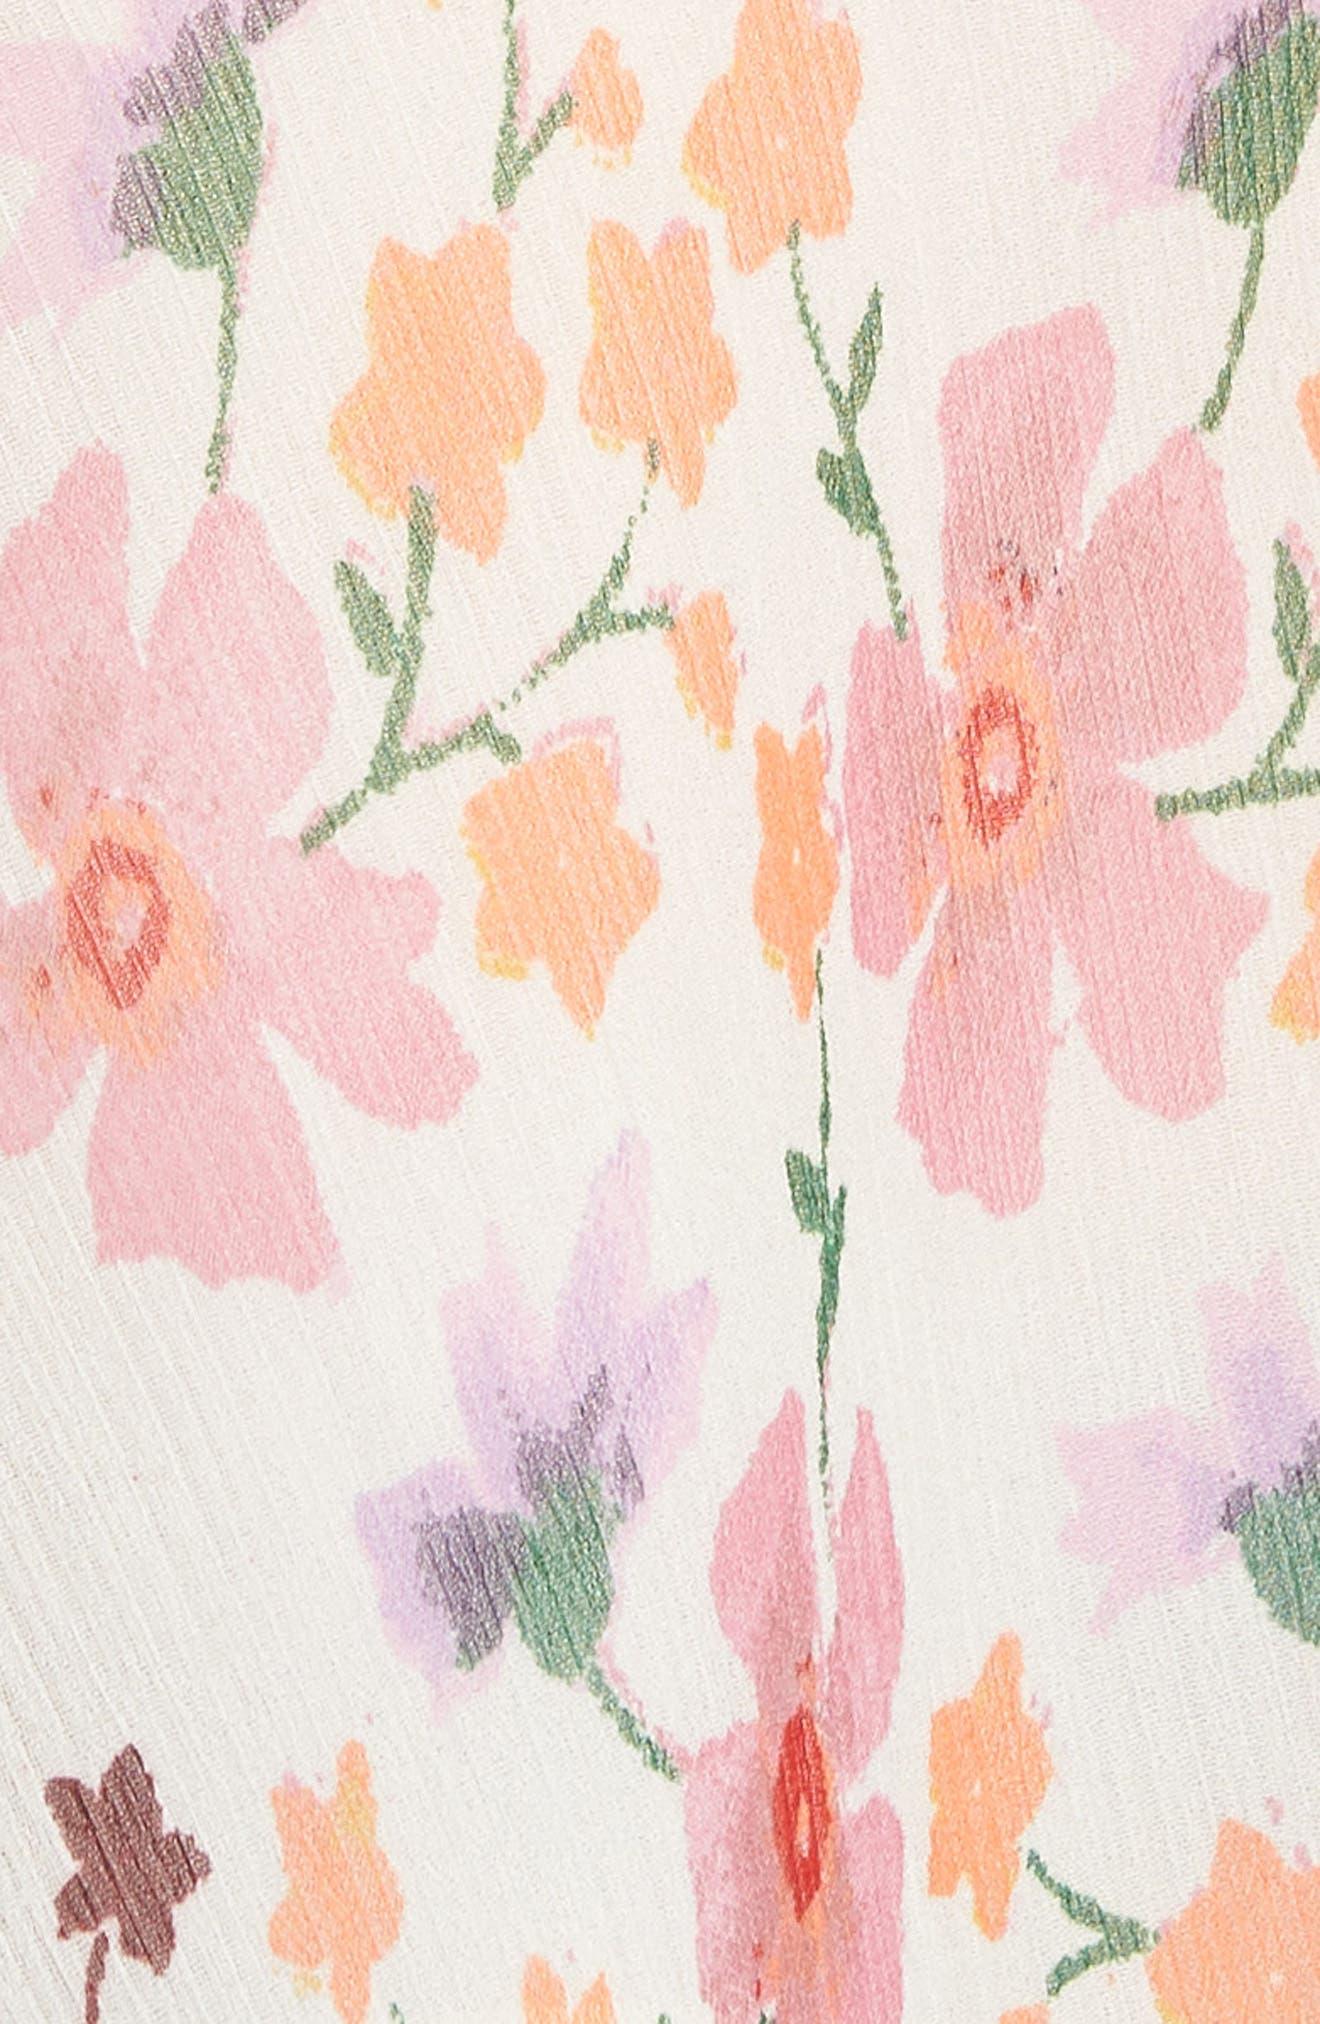 LUCKY BRAND,                             Lucky Cascade Ruffle Floral Tank Top,                             Alternate thumbnail 6, color,                             900